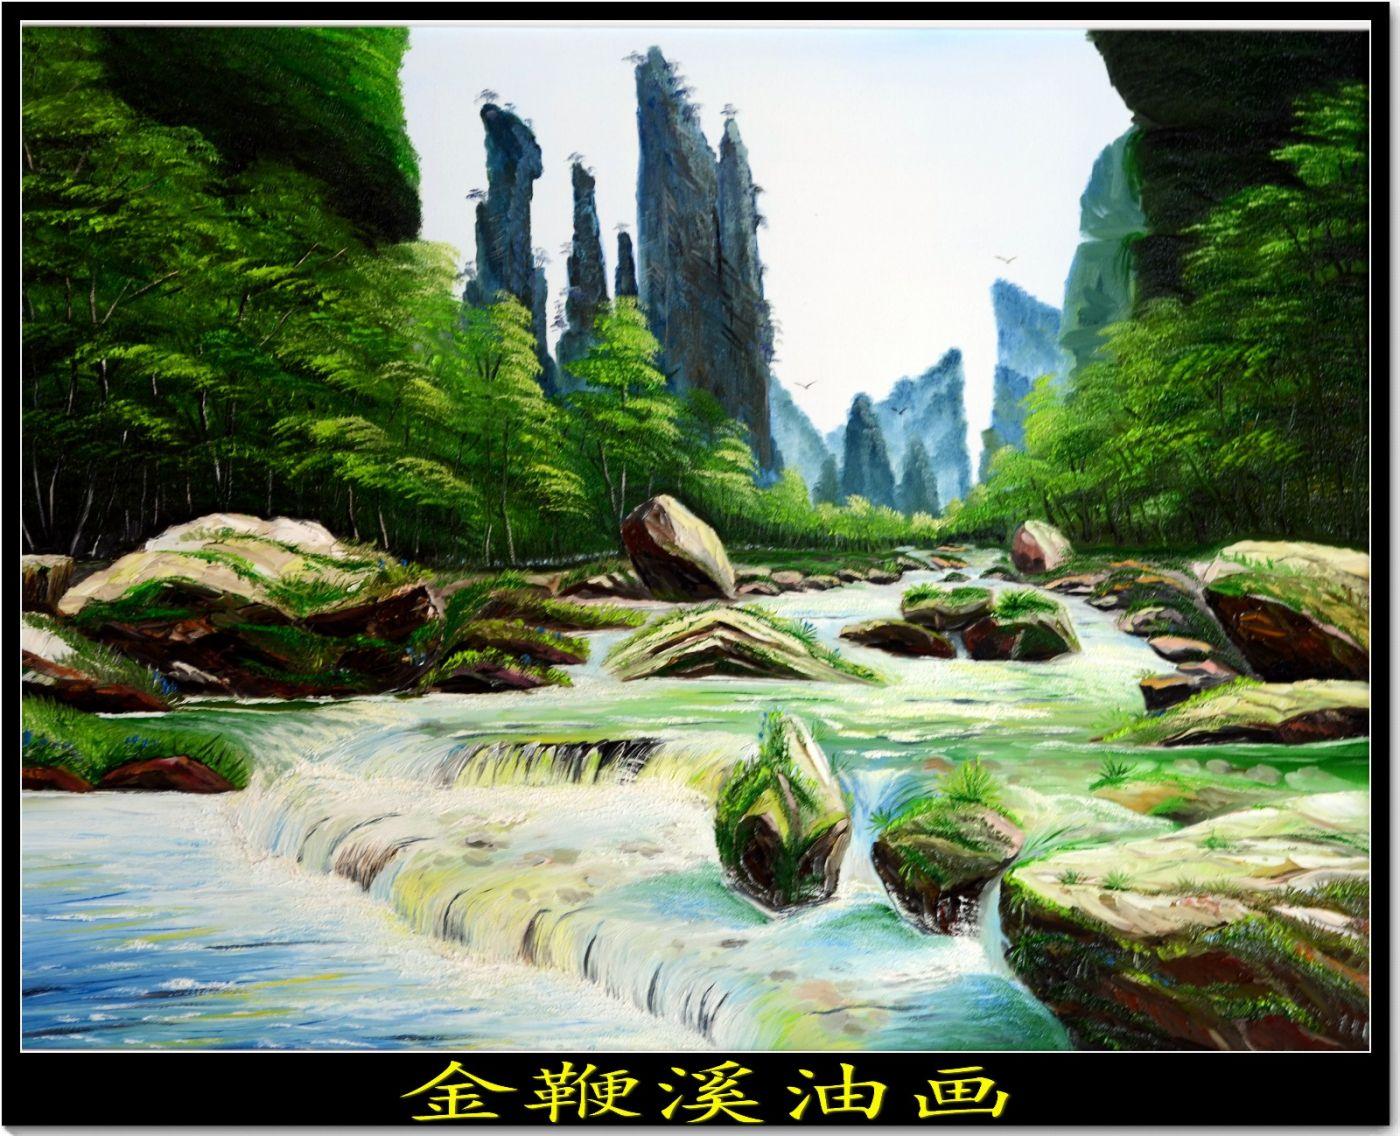 庆六一·儿童节(诗词)_图1-6